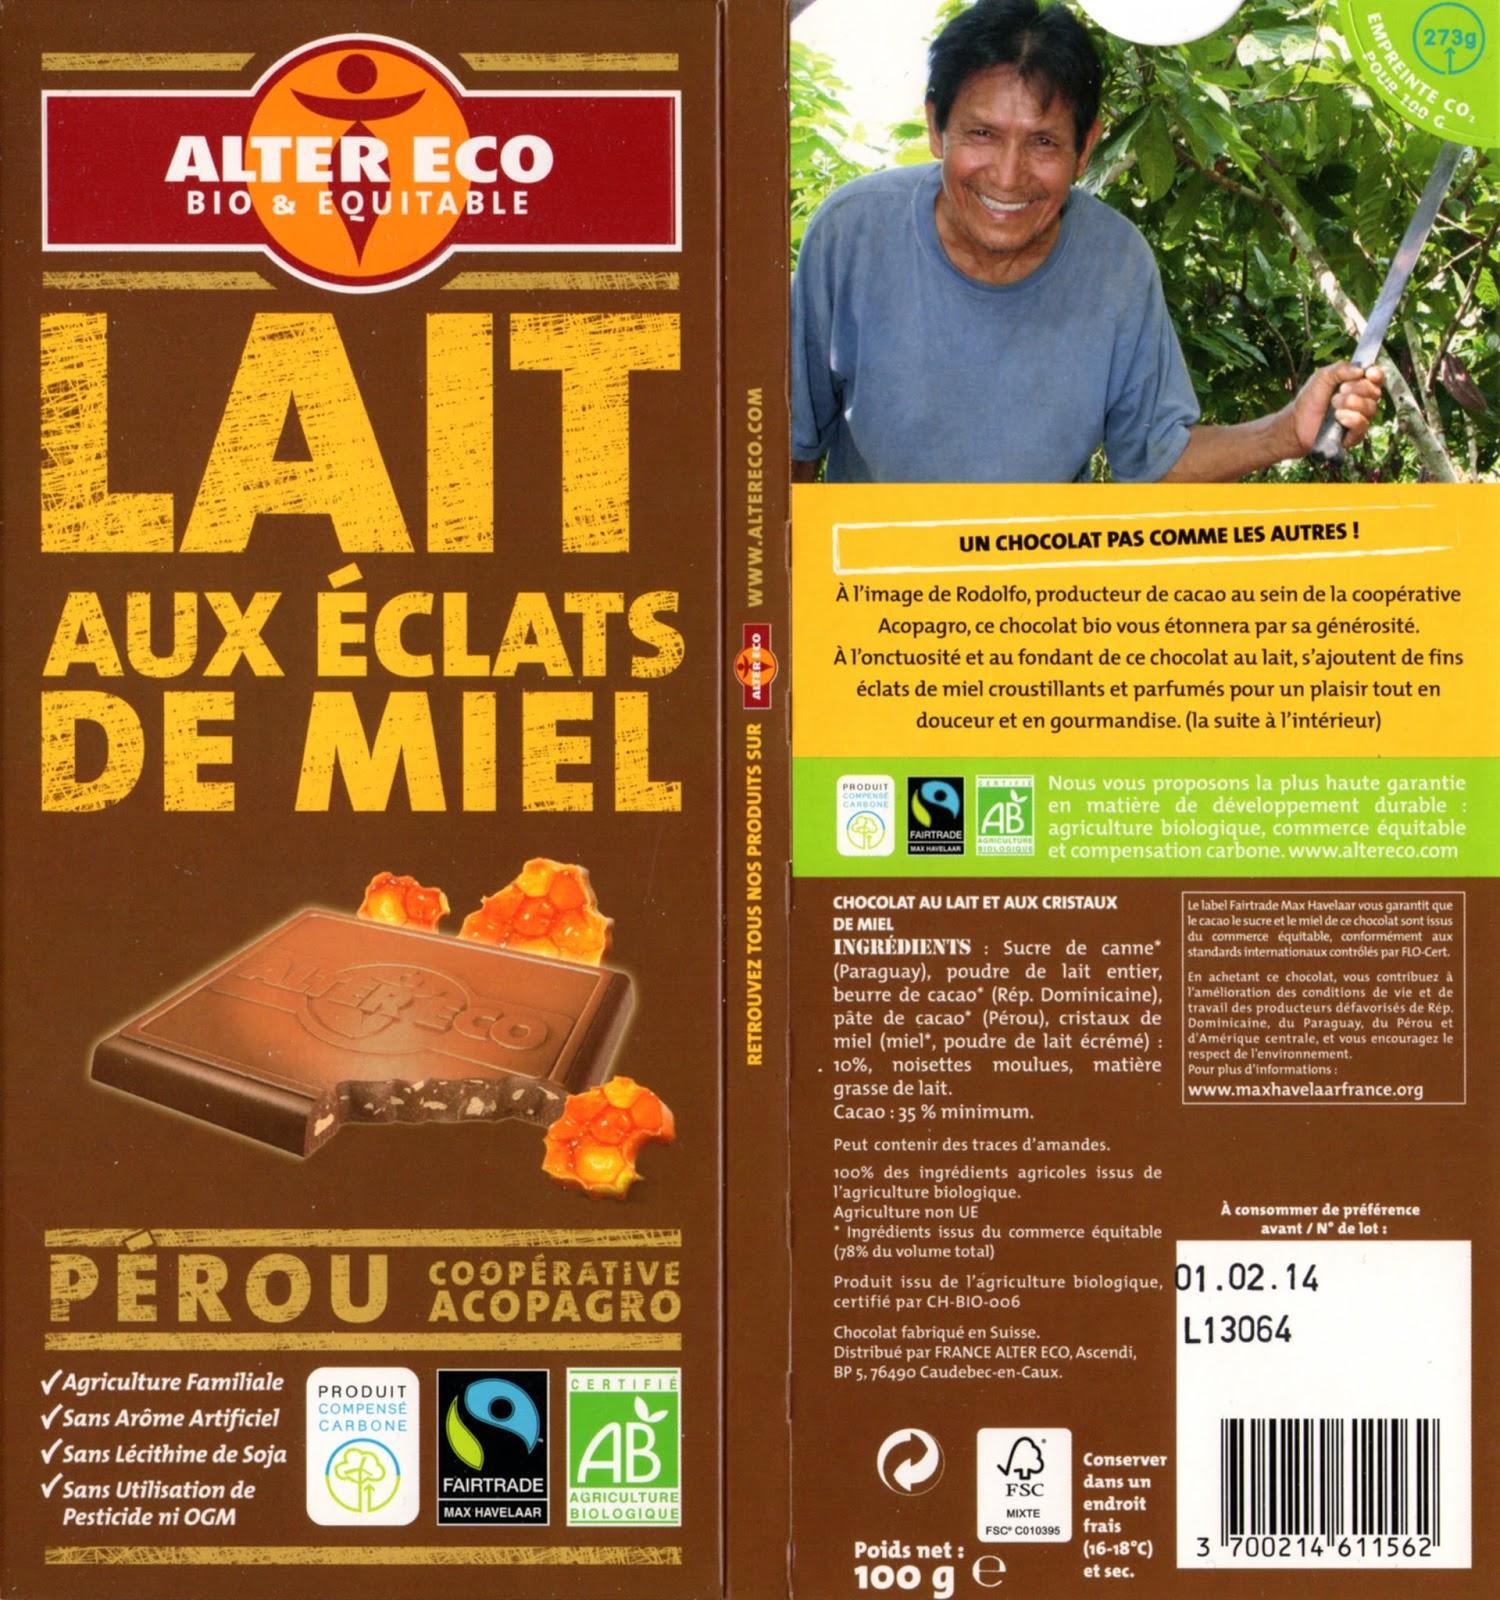 tablette de chocolat lait gourmand alter eco pérou lait aux eclats de miel